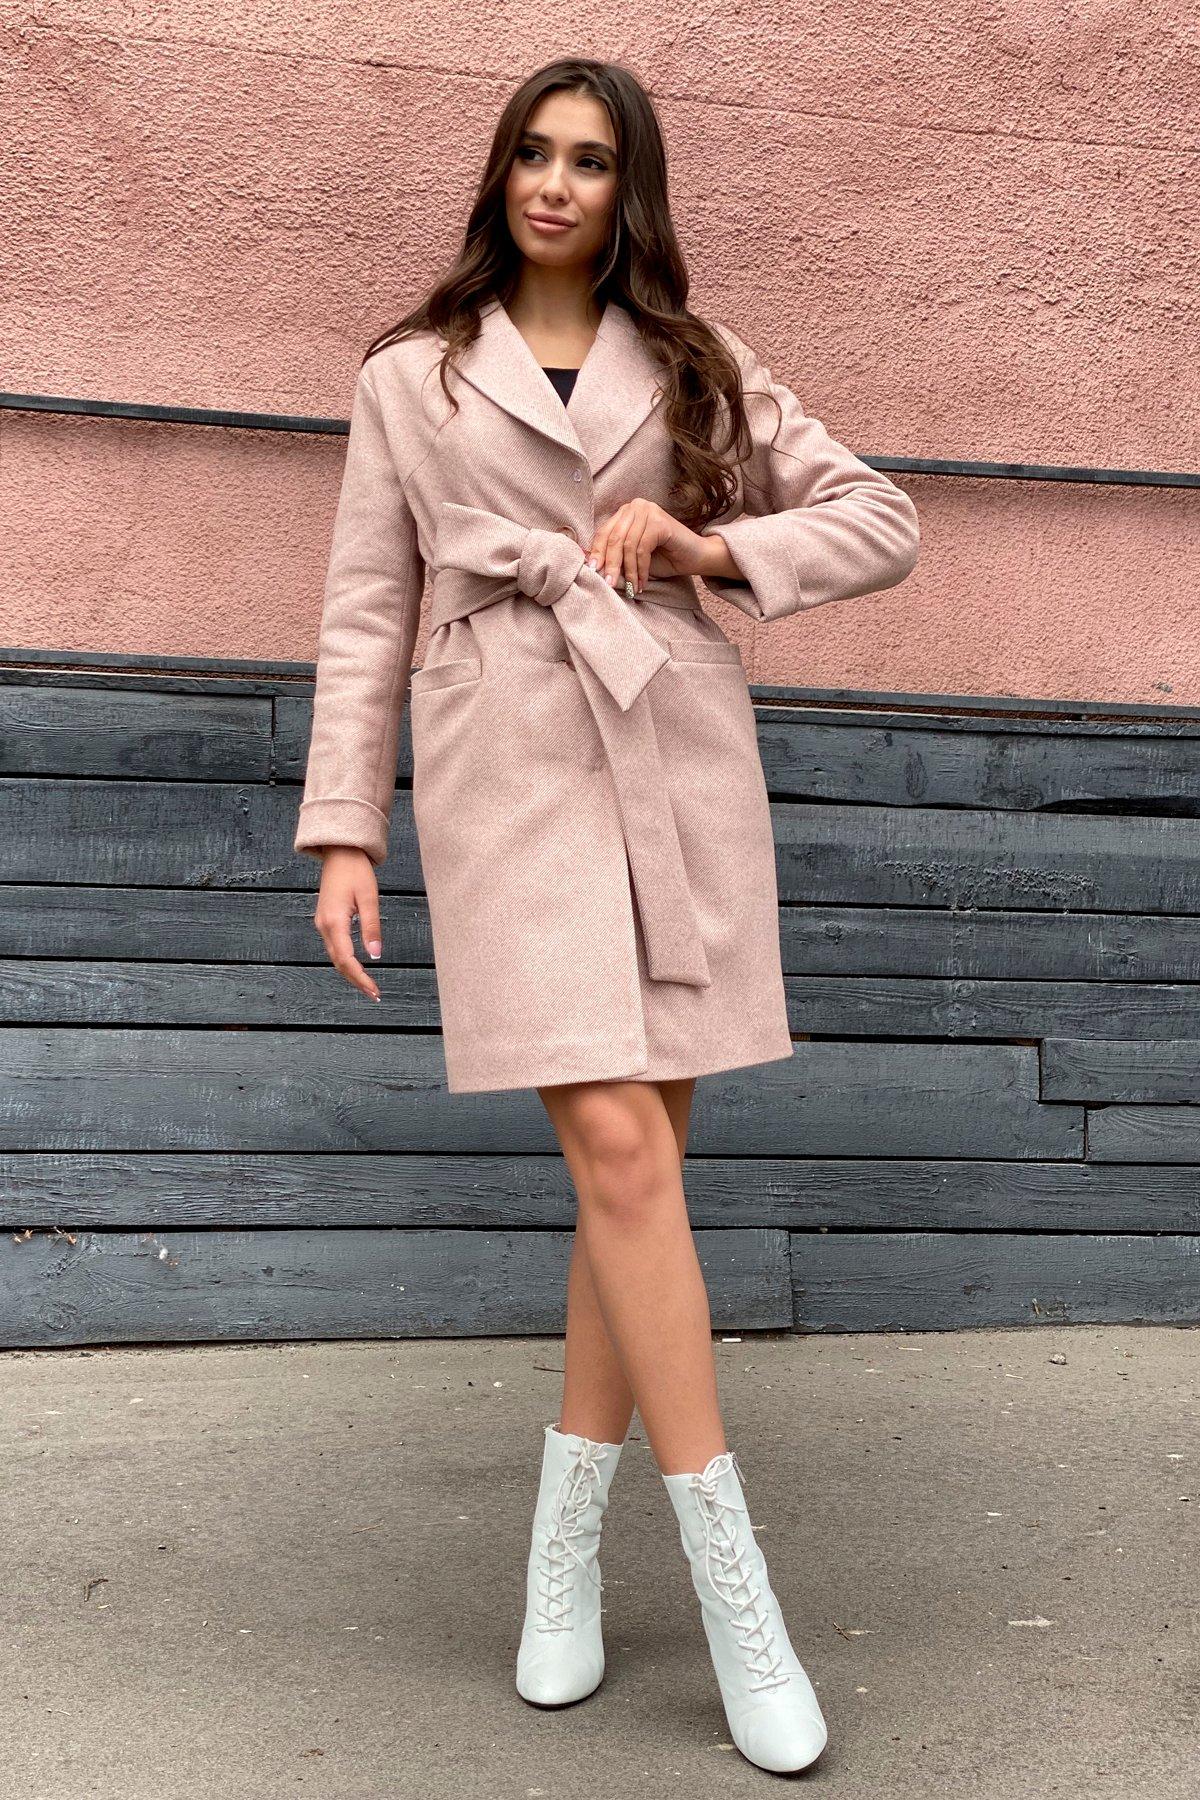 Зимнее утепленное пальто диагональ Вива 8243 АРТ. 44280 Цвет: Бежевый - фото 8, интернет магазин tm-modus.ru